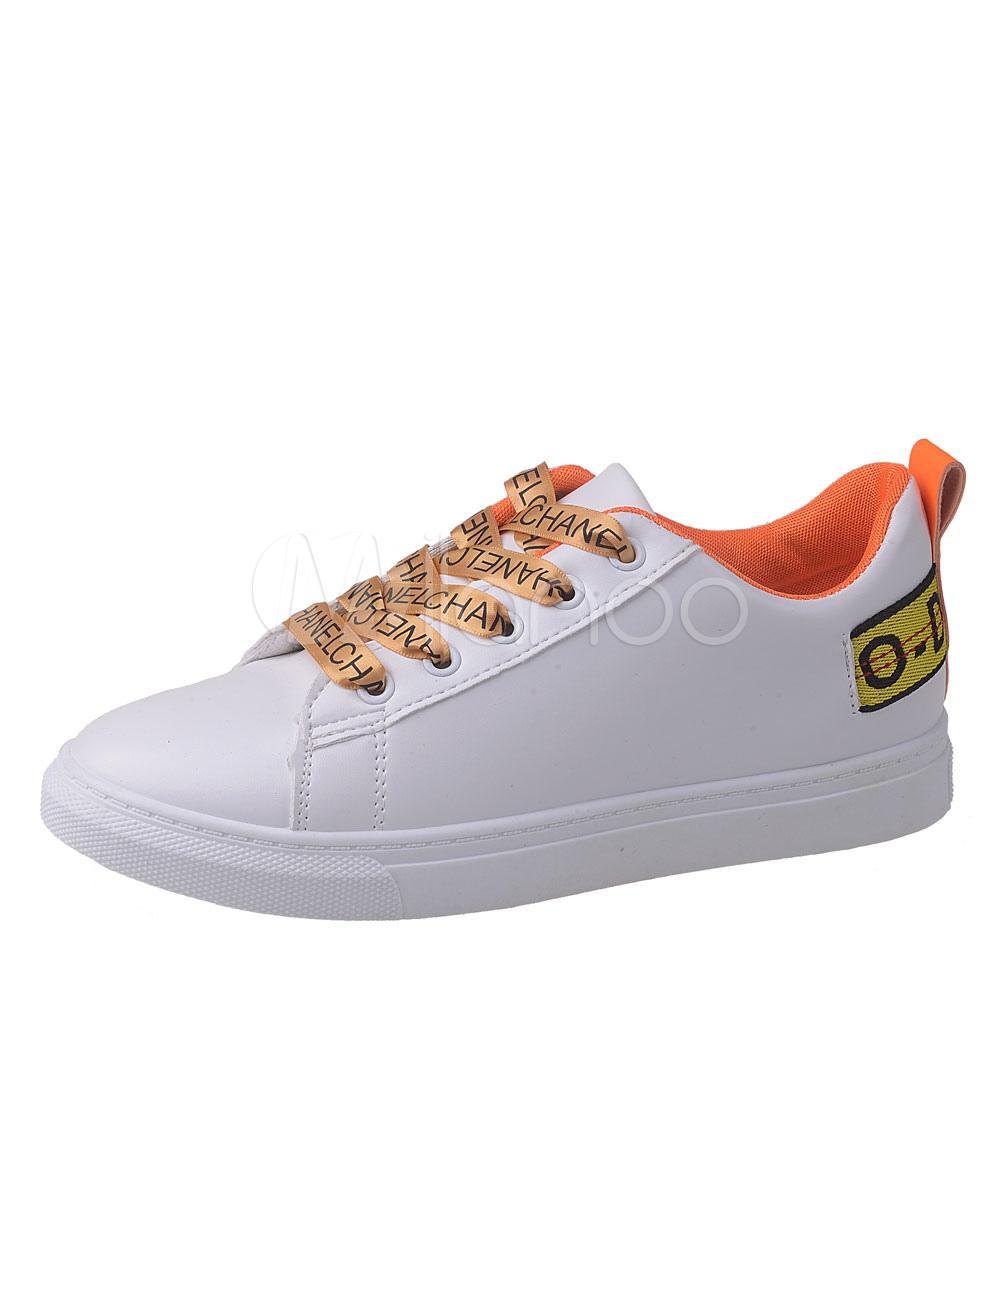 Zapatos de puntera redonda con cinta de PU con letras estilo informalPlanos para ocasión informal Verano/Otoño RcdIP